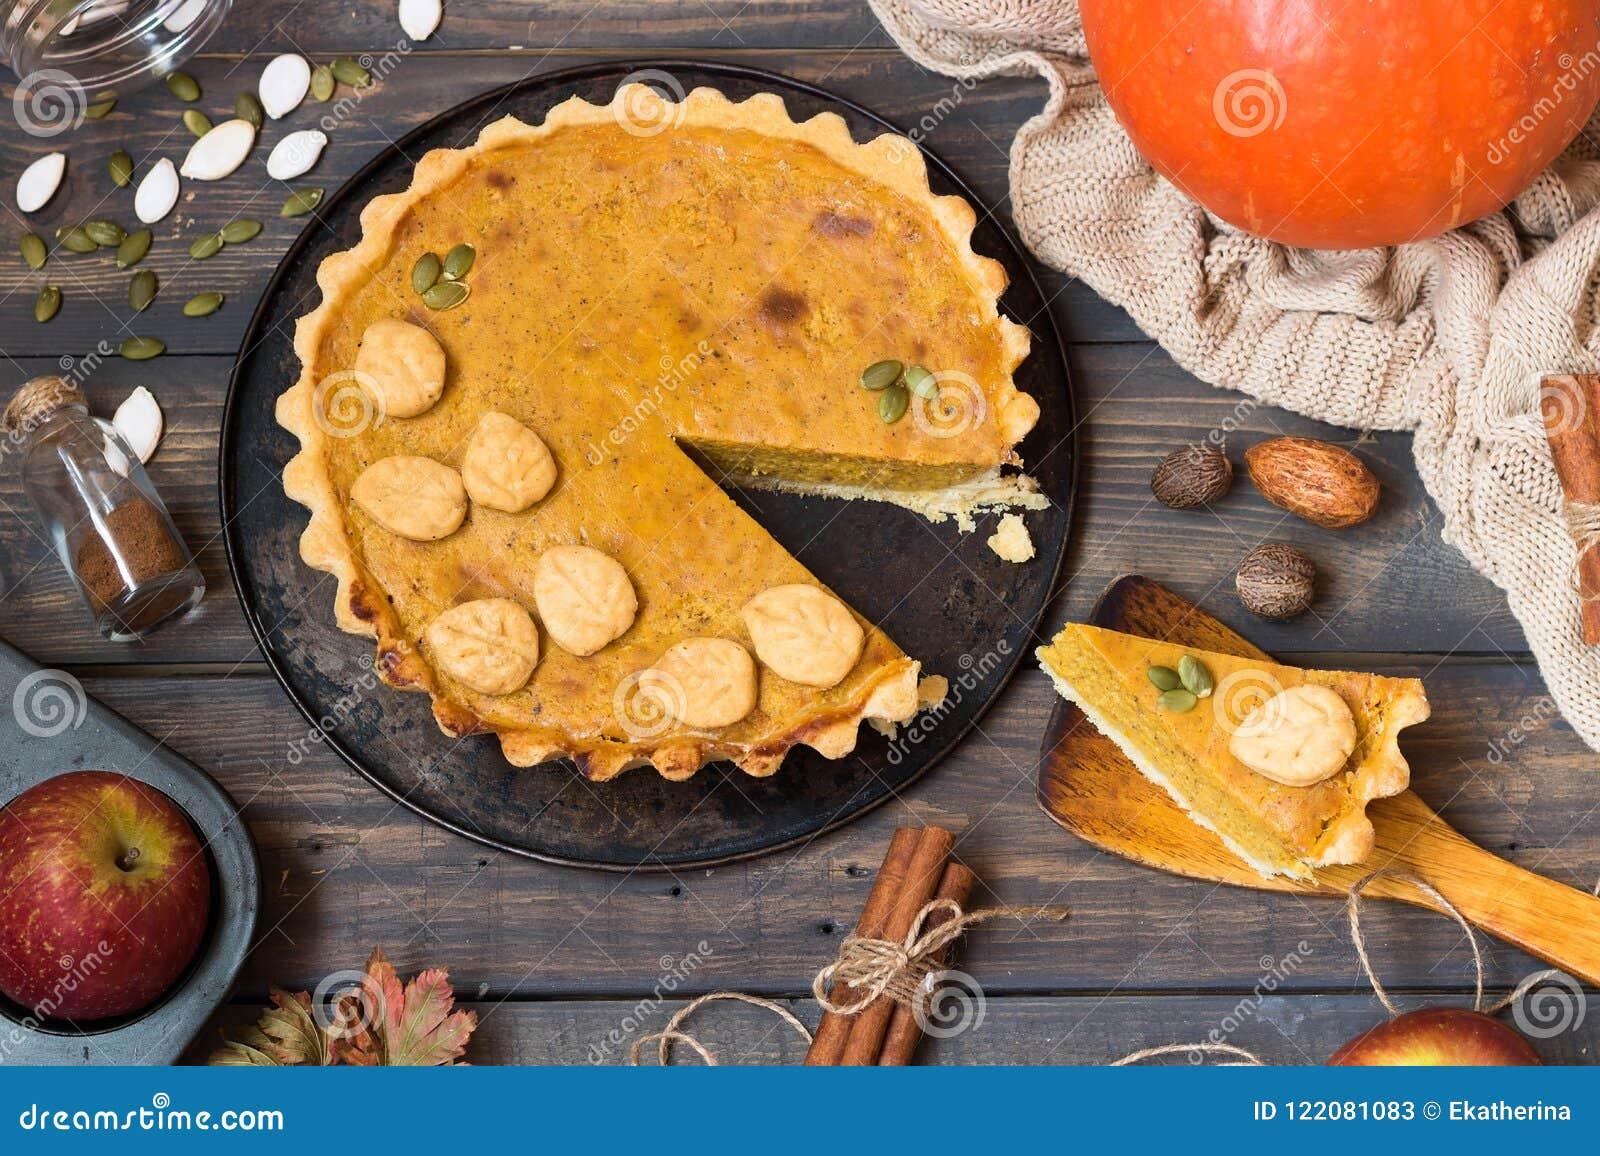 Tarte de potiron américain fait maison traditionnel avec un décor d un biscuit sous forme de feuilles pendant des vacances